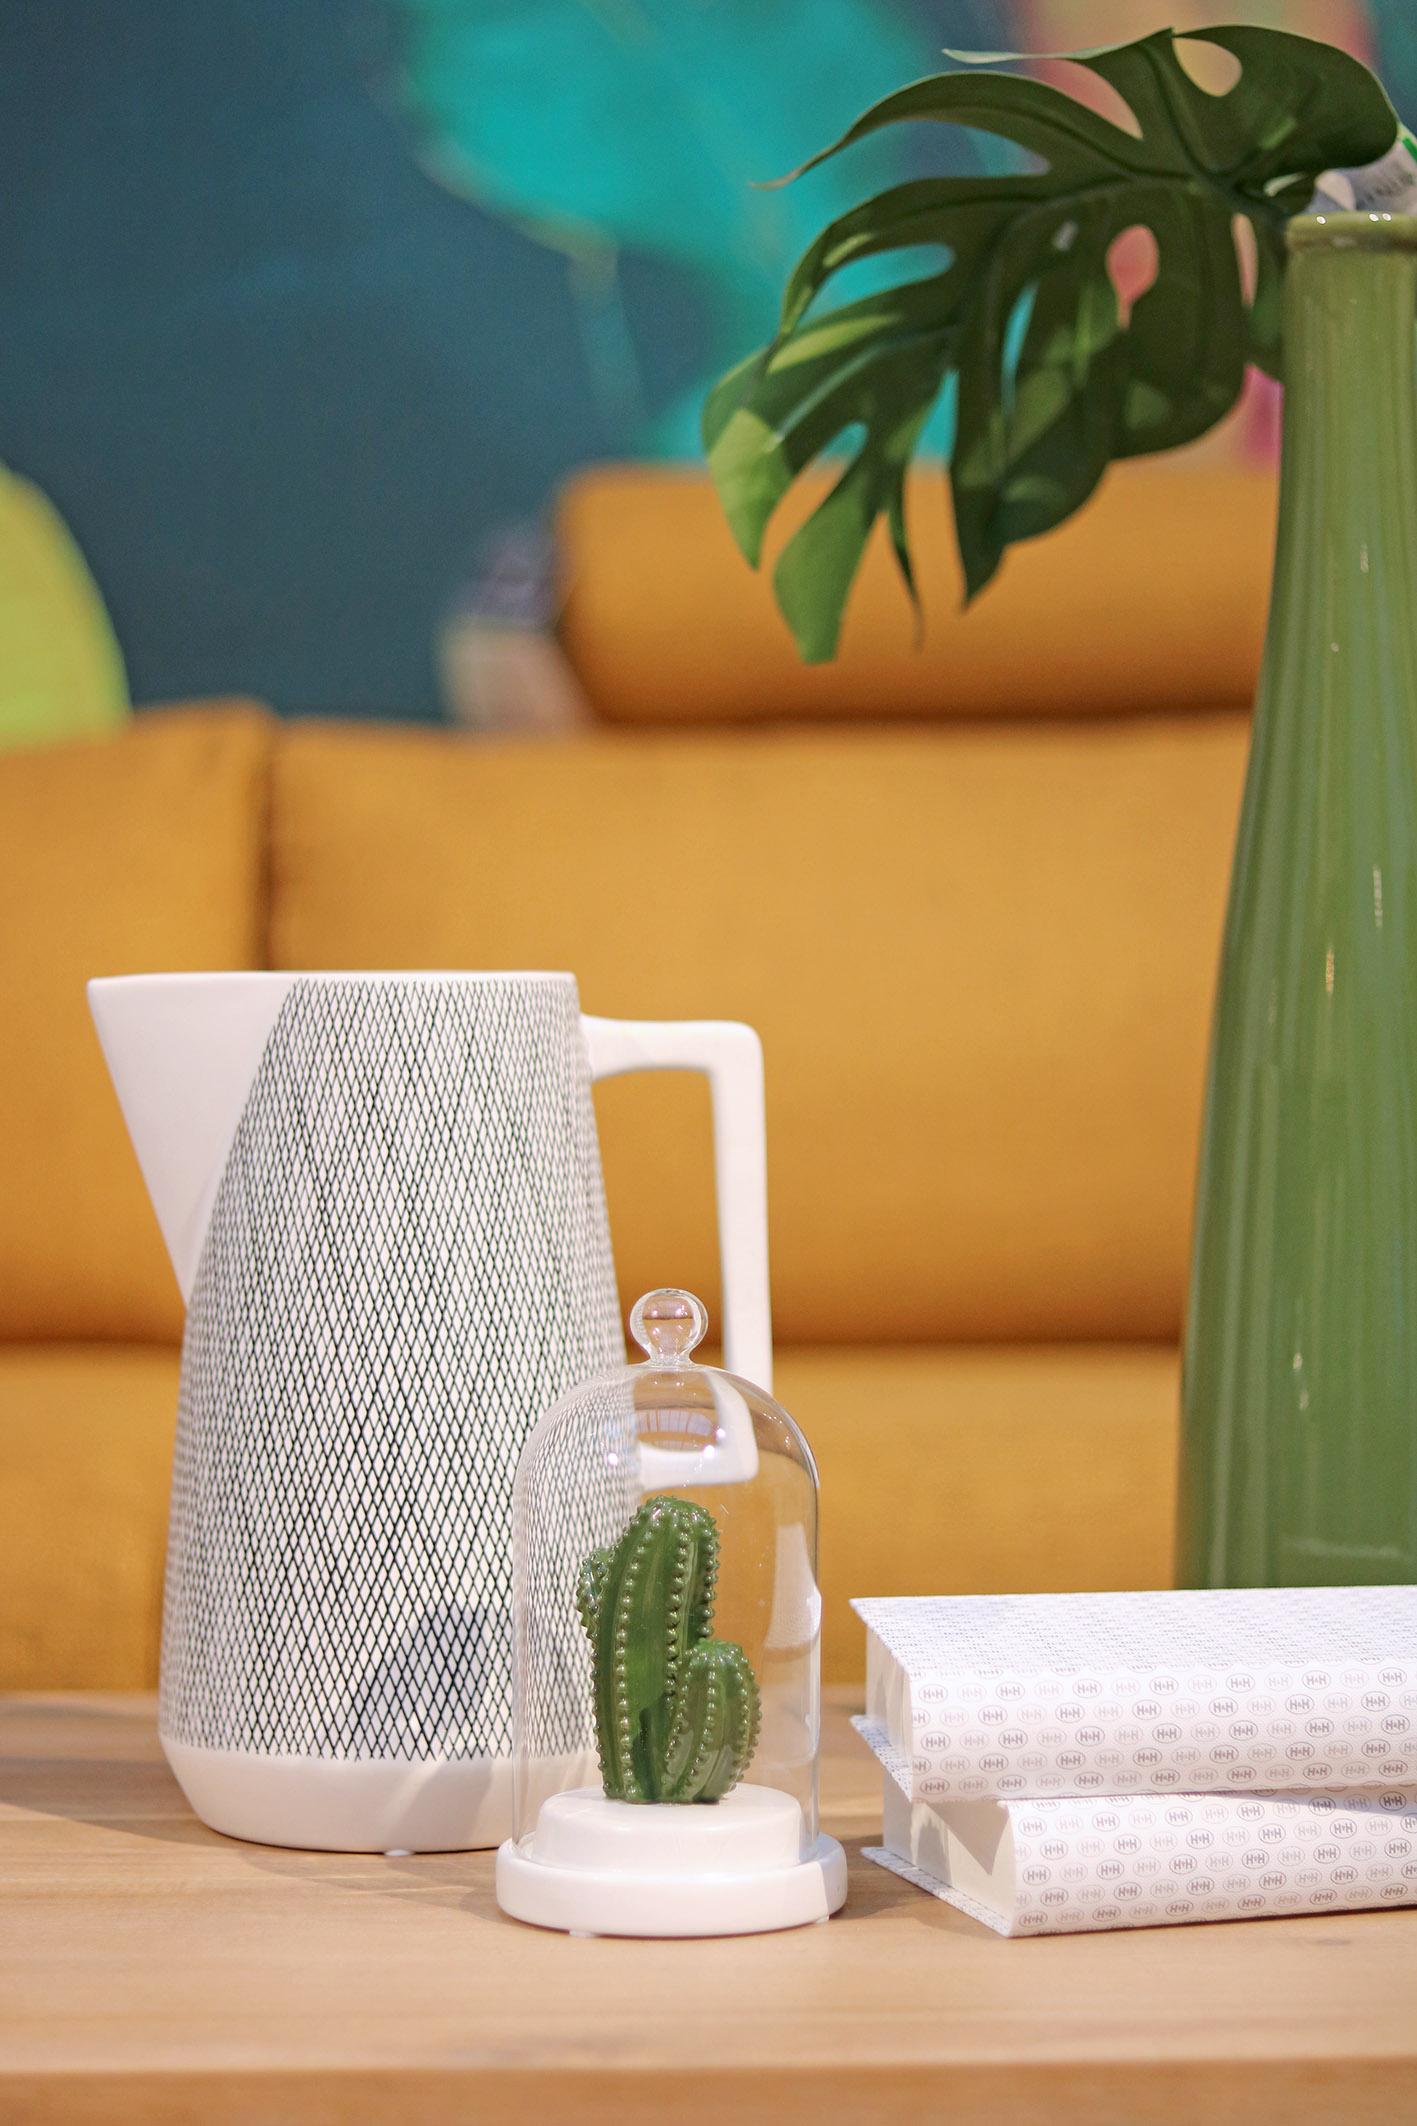 Meuble H Et H un coussin personnalisé, à la boutique h&h lyon | blog diy